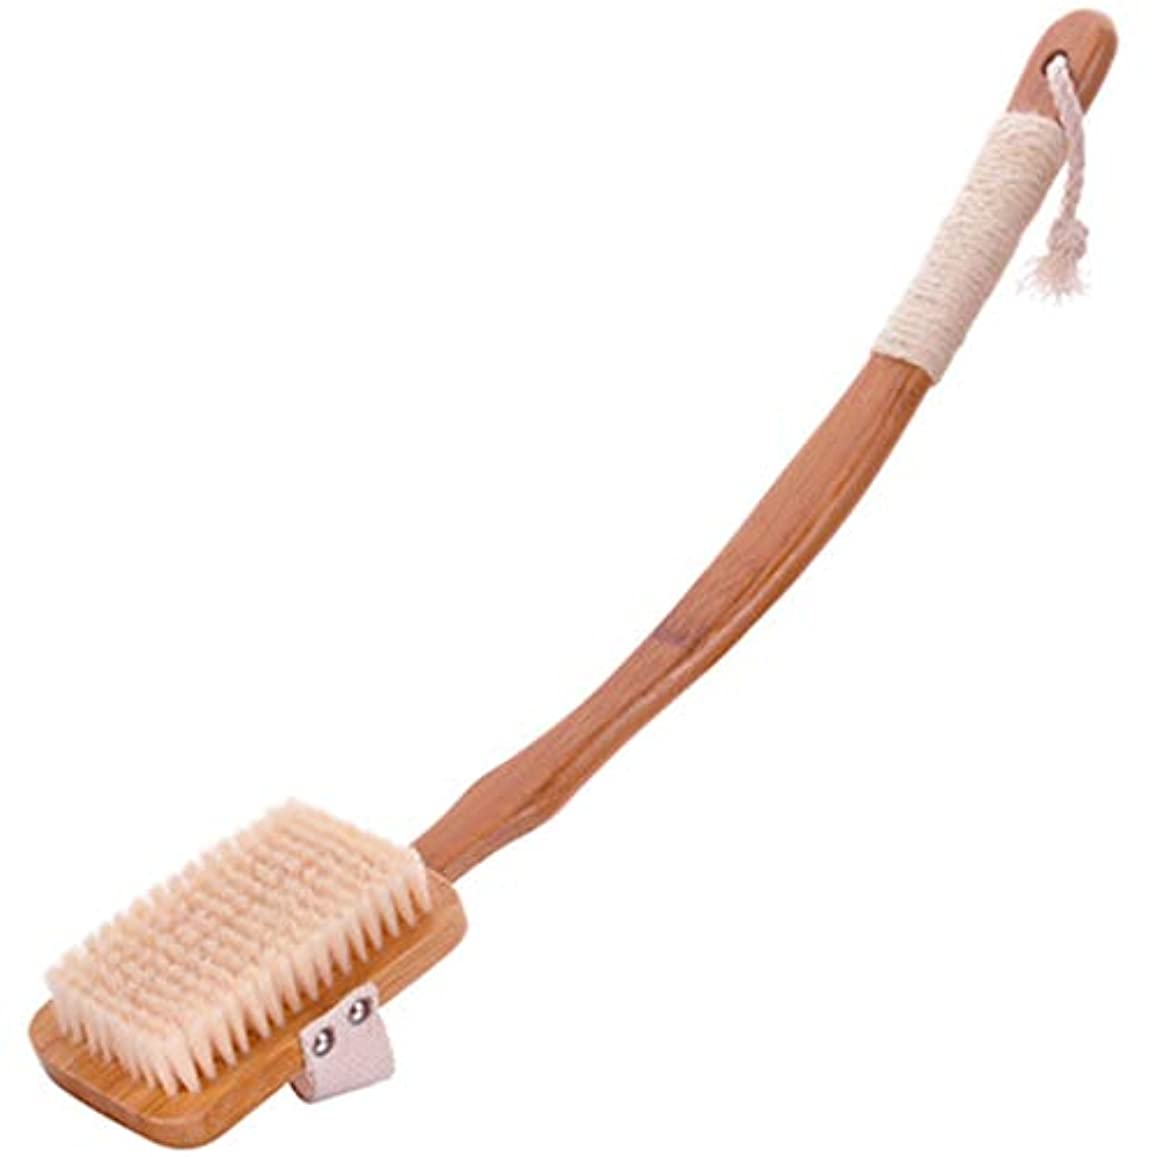 契約植物学ばかげたバスブラシバックブラシロングハンドルやわらかい毛髪バスブラシバスブラシ角質除去クリーニングブラシ (Color : Wood color)